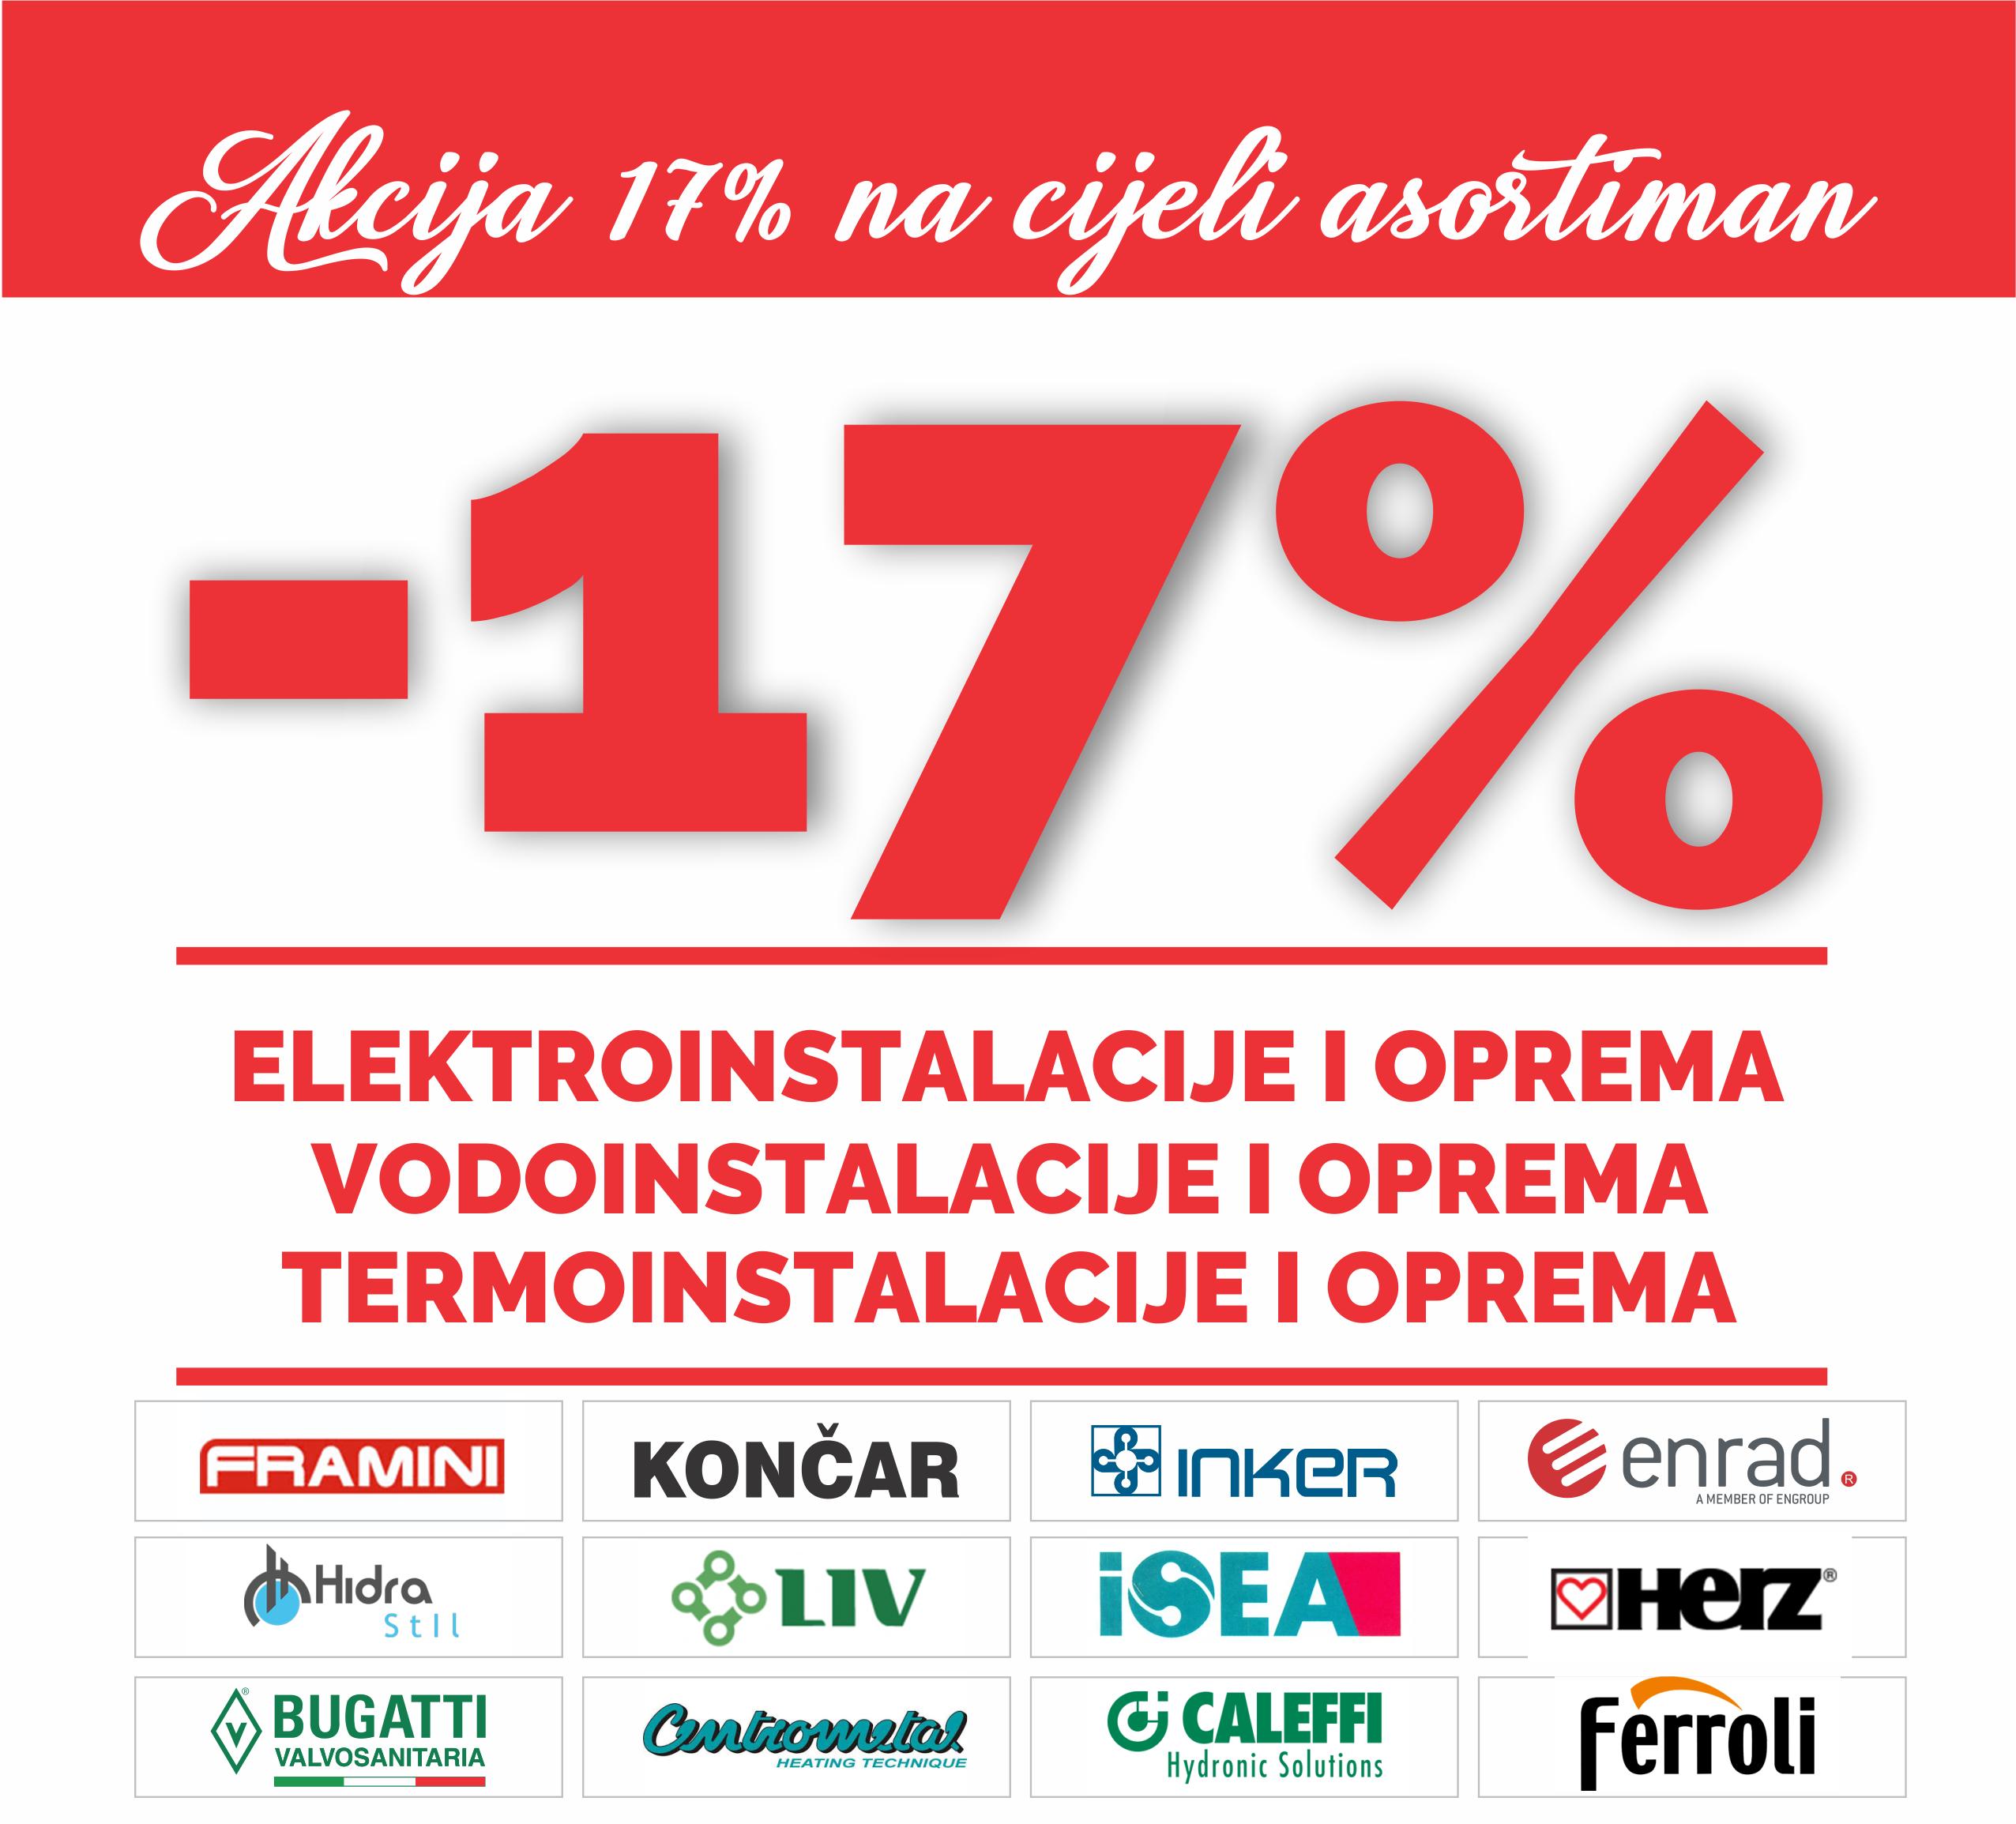 AKCIJA KOLOVOZ 17%